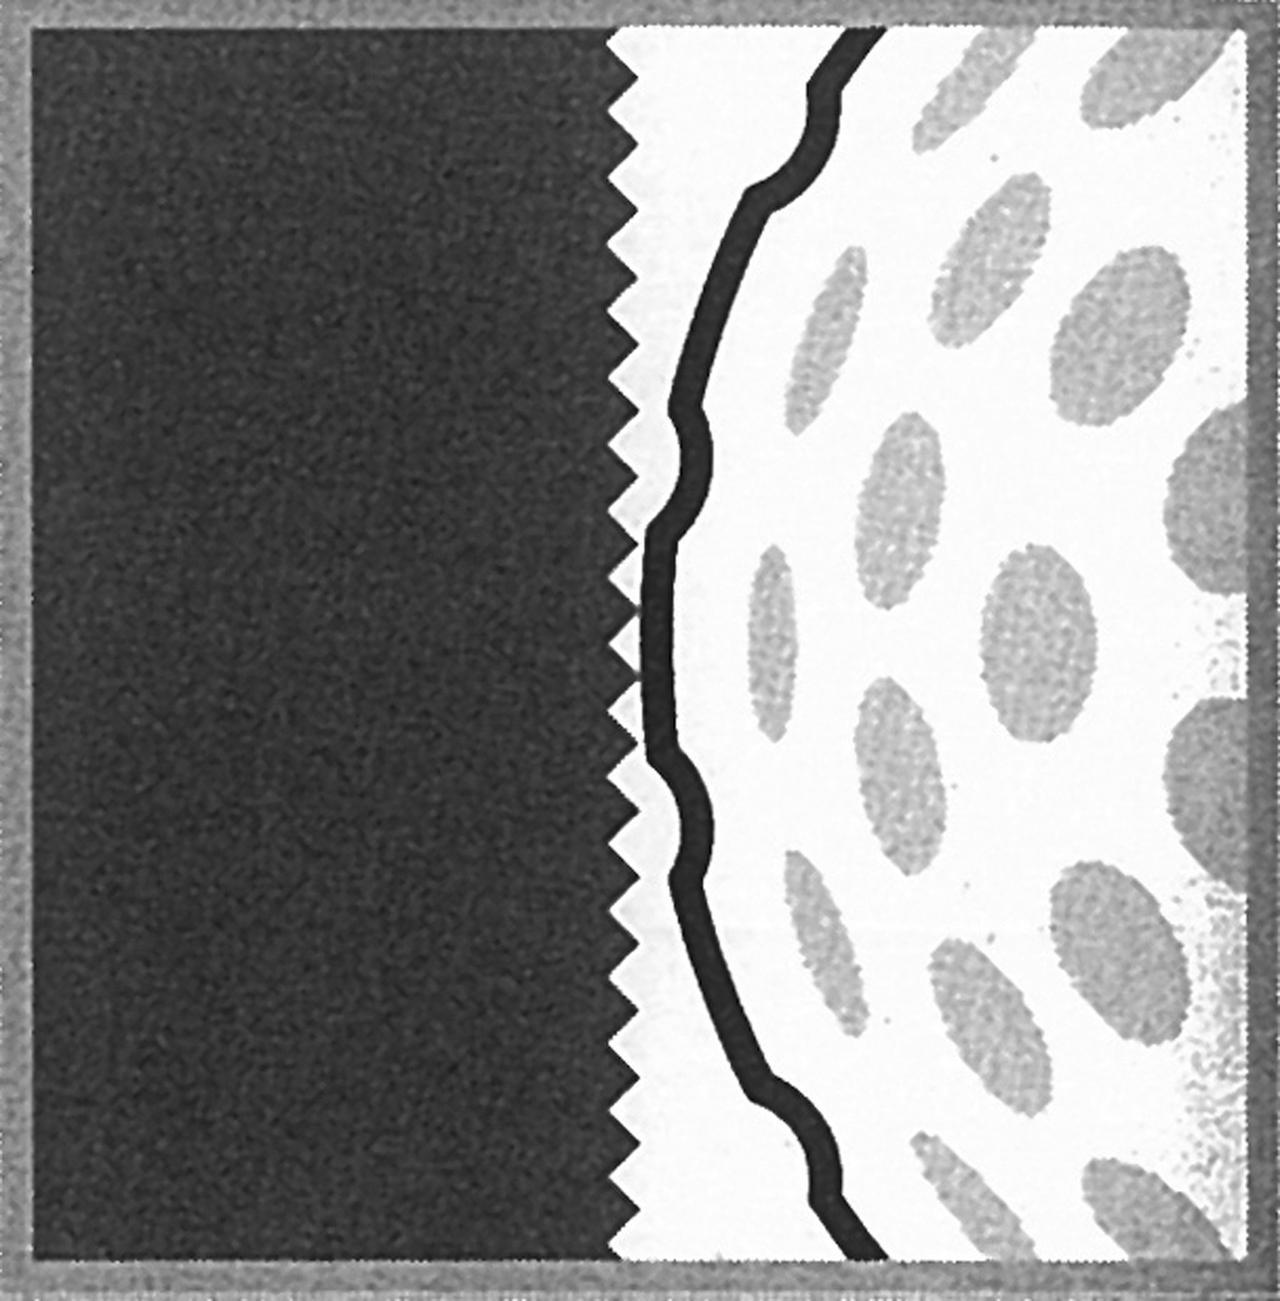 """画像: 点で当たると金属の硬い打感より、ボールの柔らかい打感が際立つ。これが""""ソフト""""に感じる理由だ"""